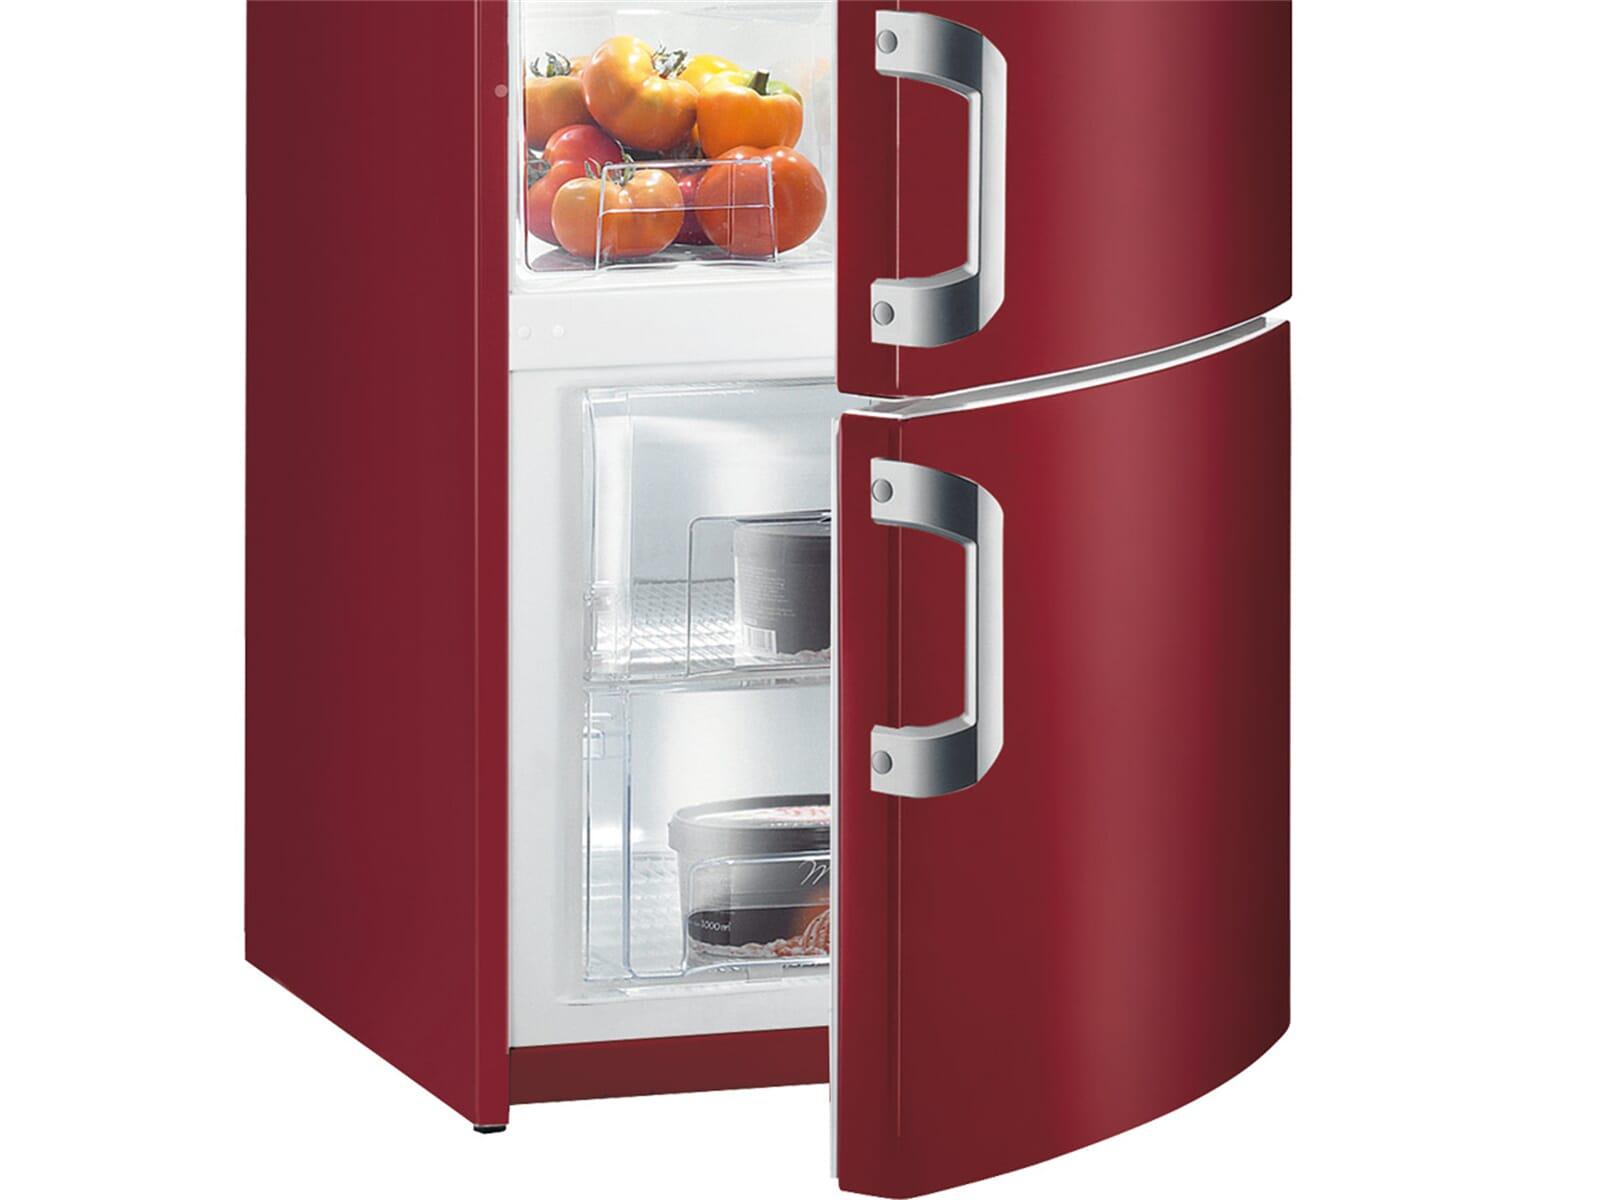 Retro Kühlschrank Im Vergleich : Retro kühlschrank im vergleich: häusliche verbesserung smeg